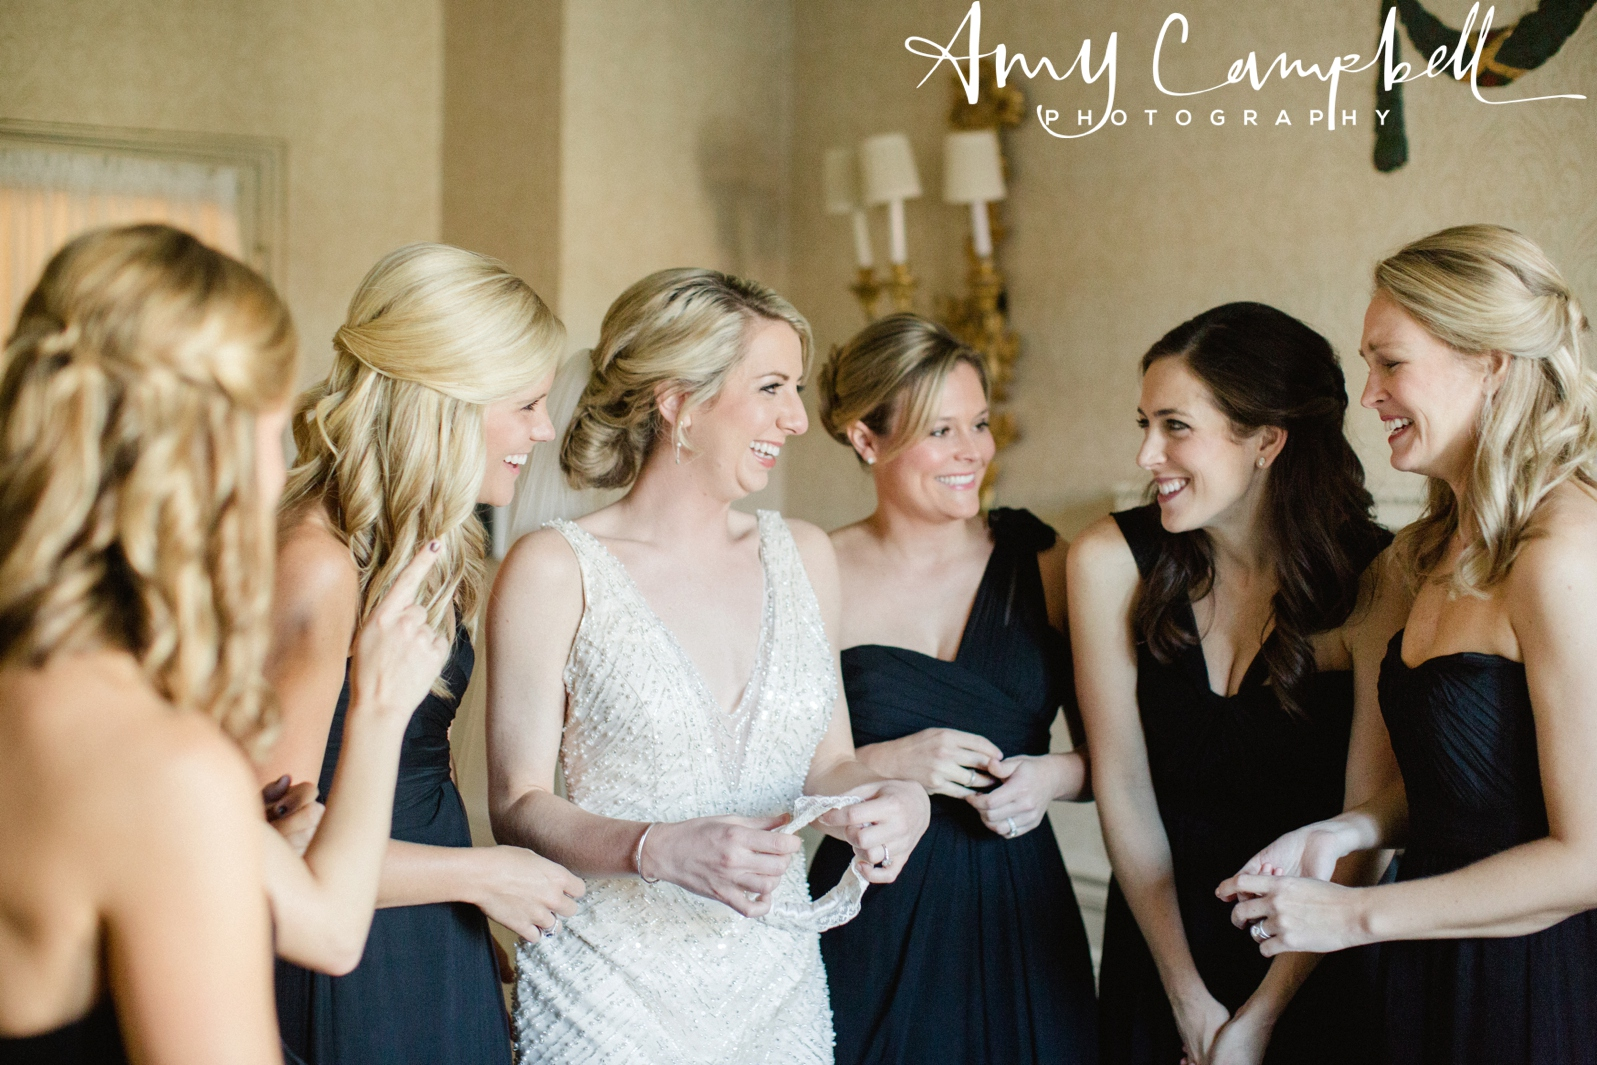 emmakyle_wedding_fb_amycampbellphotography_0016.jpg